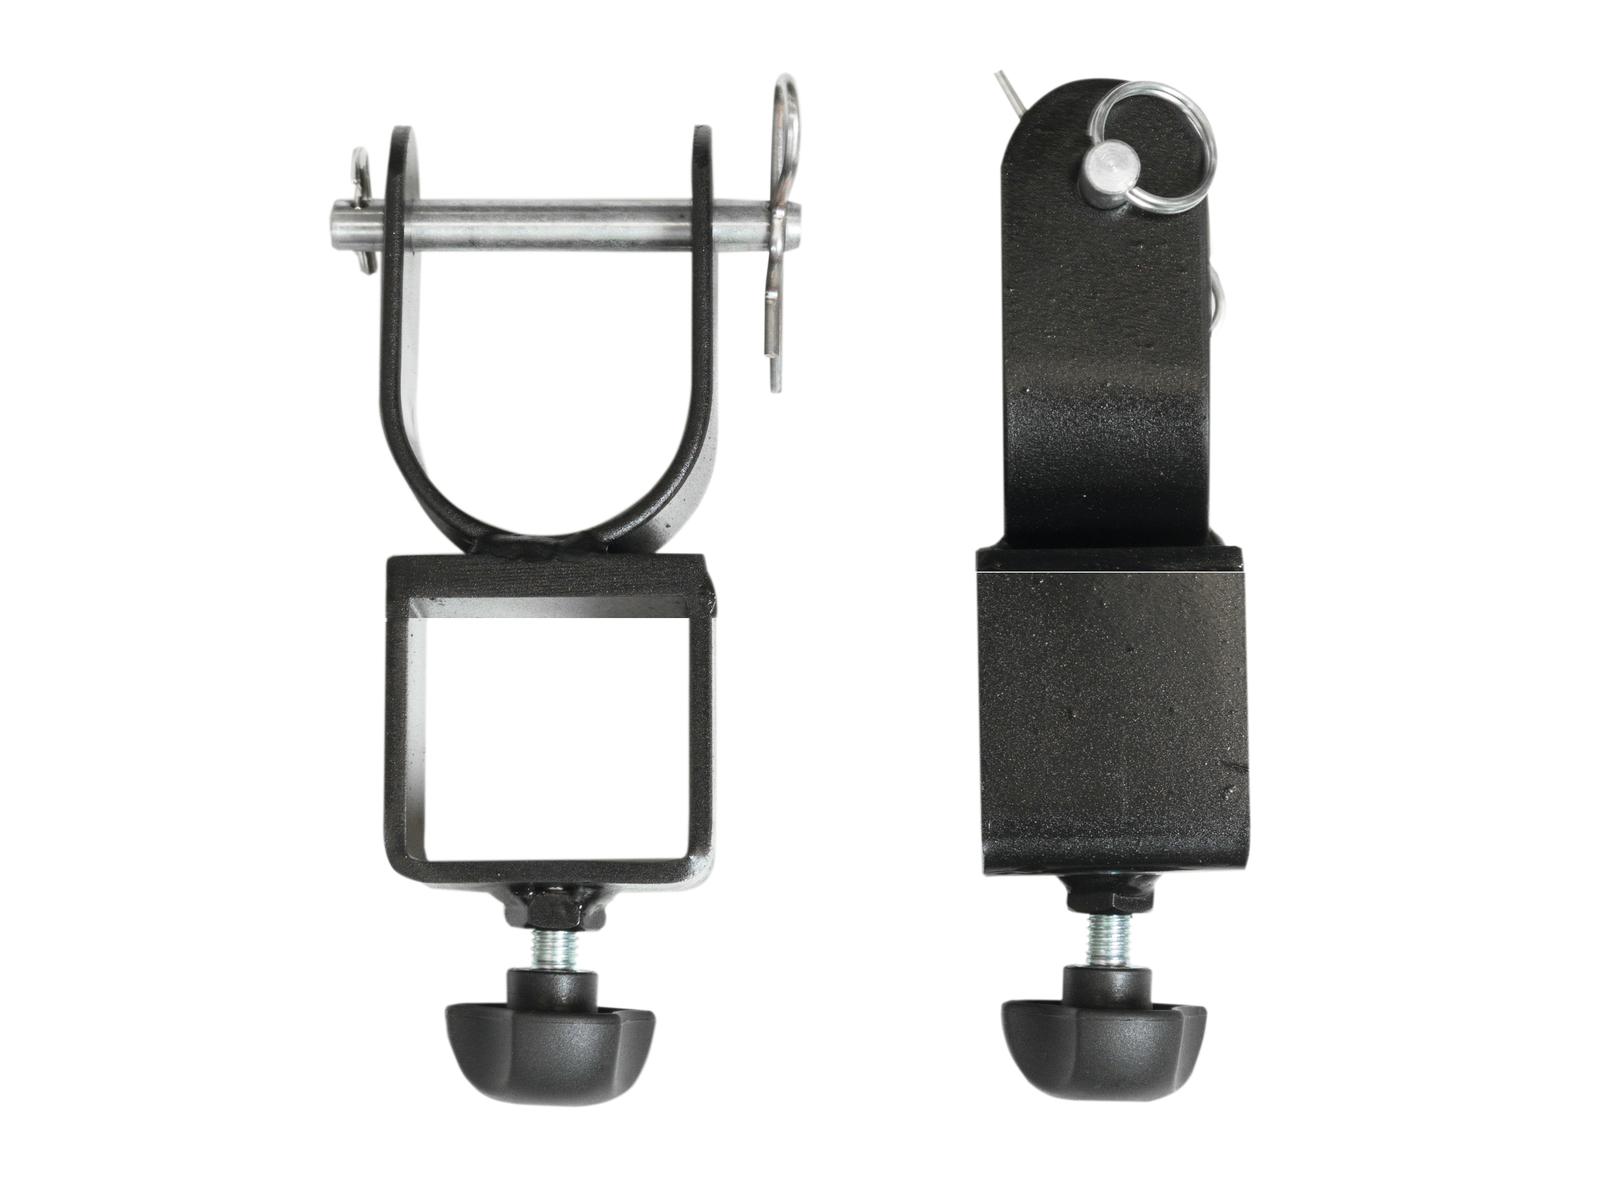 BLOCCO E BLOCCO ATG1 Capriata adattatore di montaggio per l'inserimento del tubo di 5